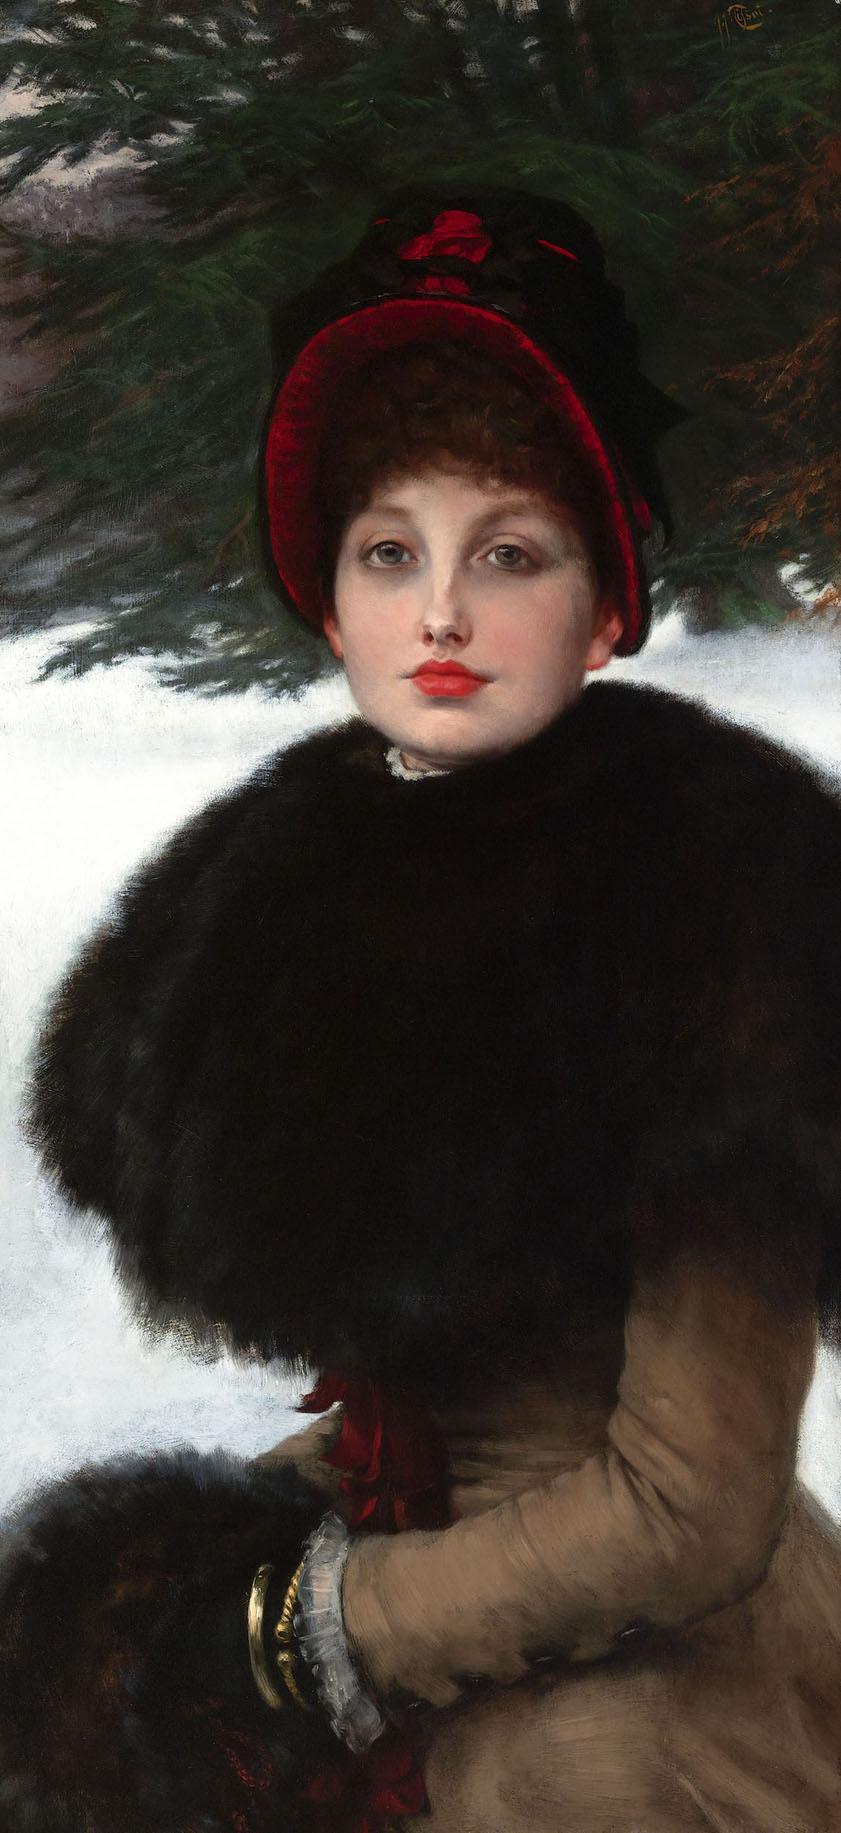 A Winter's Walk (Promenade dans la neige) by James-Jacques-Joseph Tissot.jpg